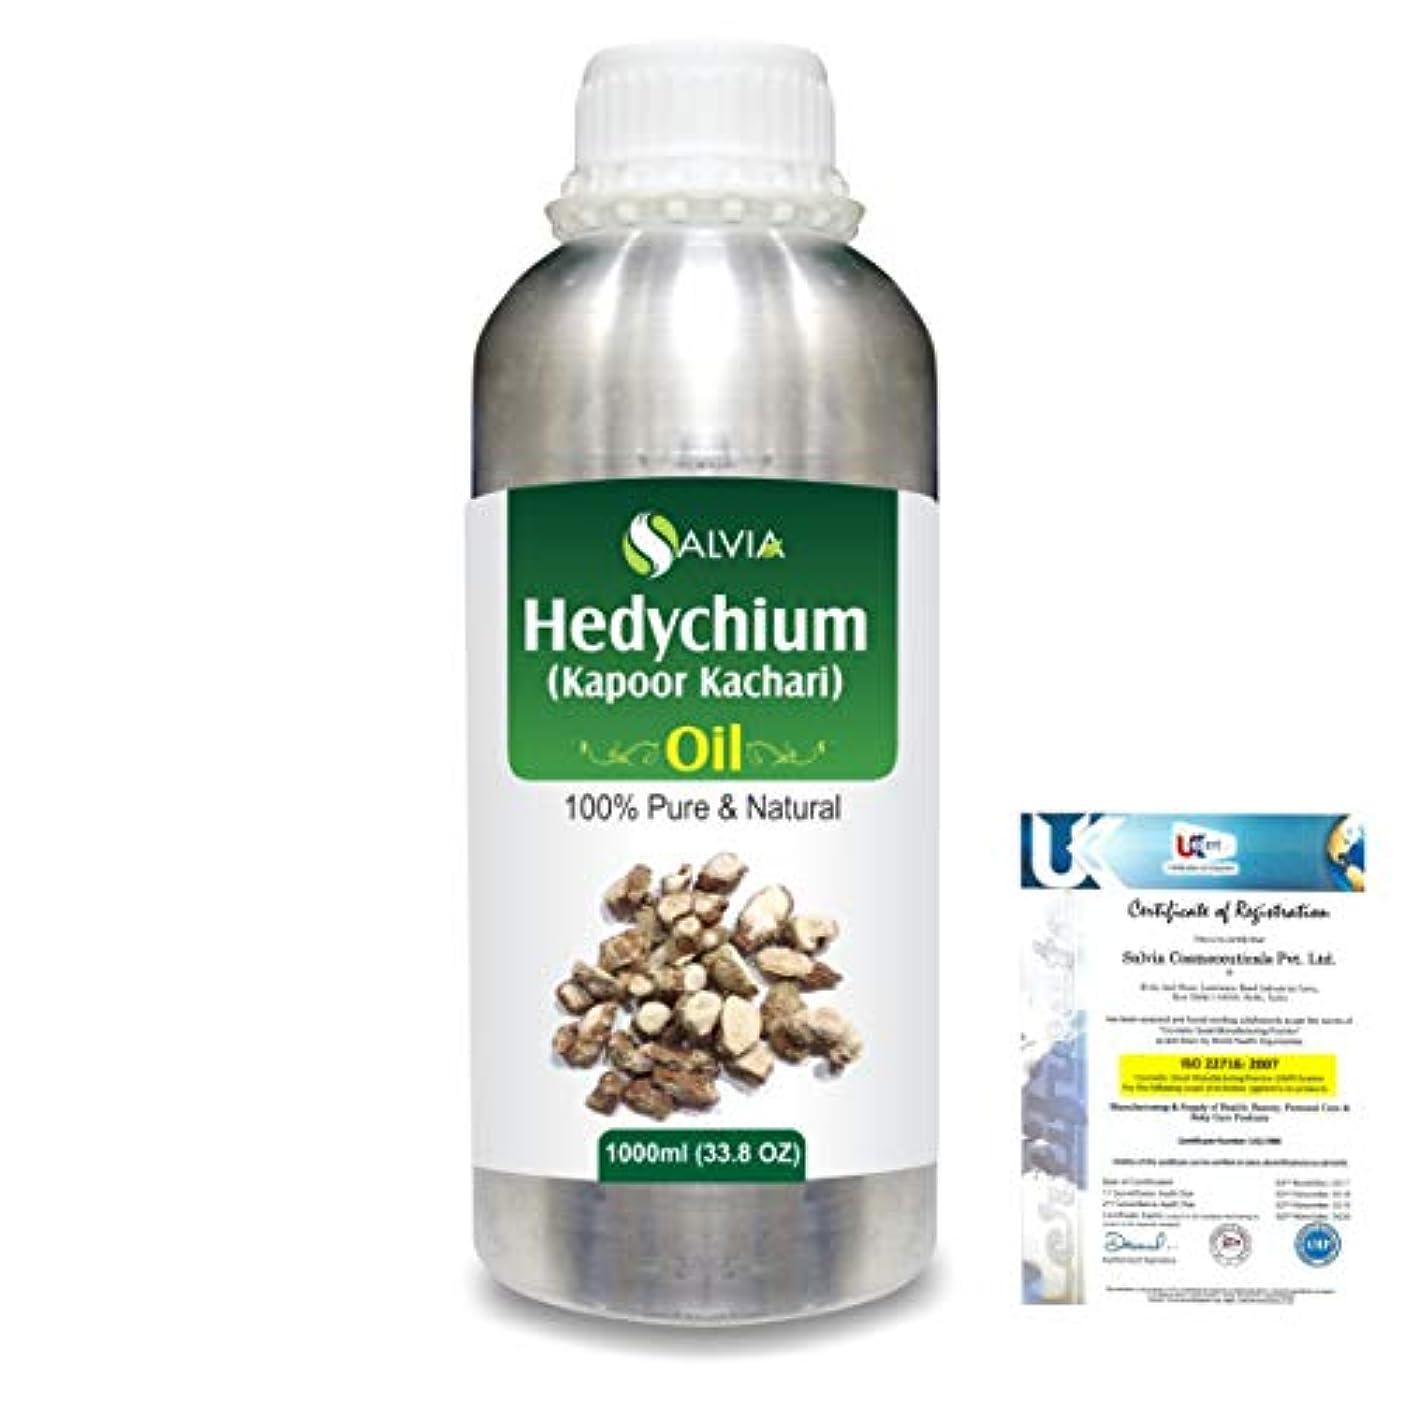 シェルター何でもパイロットHedychium (Kapoor Kachari) 100% Natural Pure Essential Oil 1000ml/33.8fl.oz.